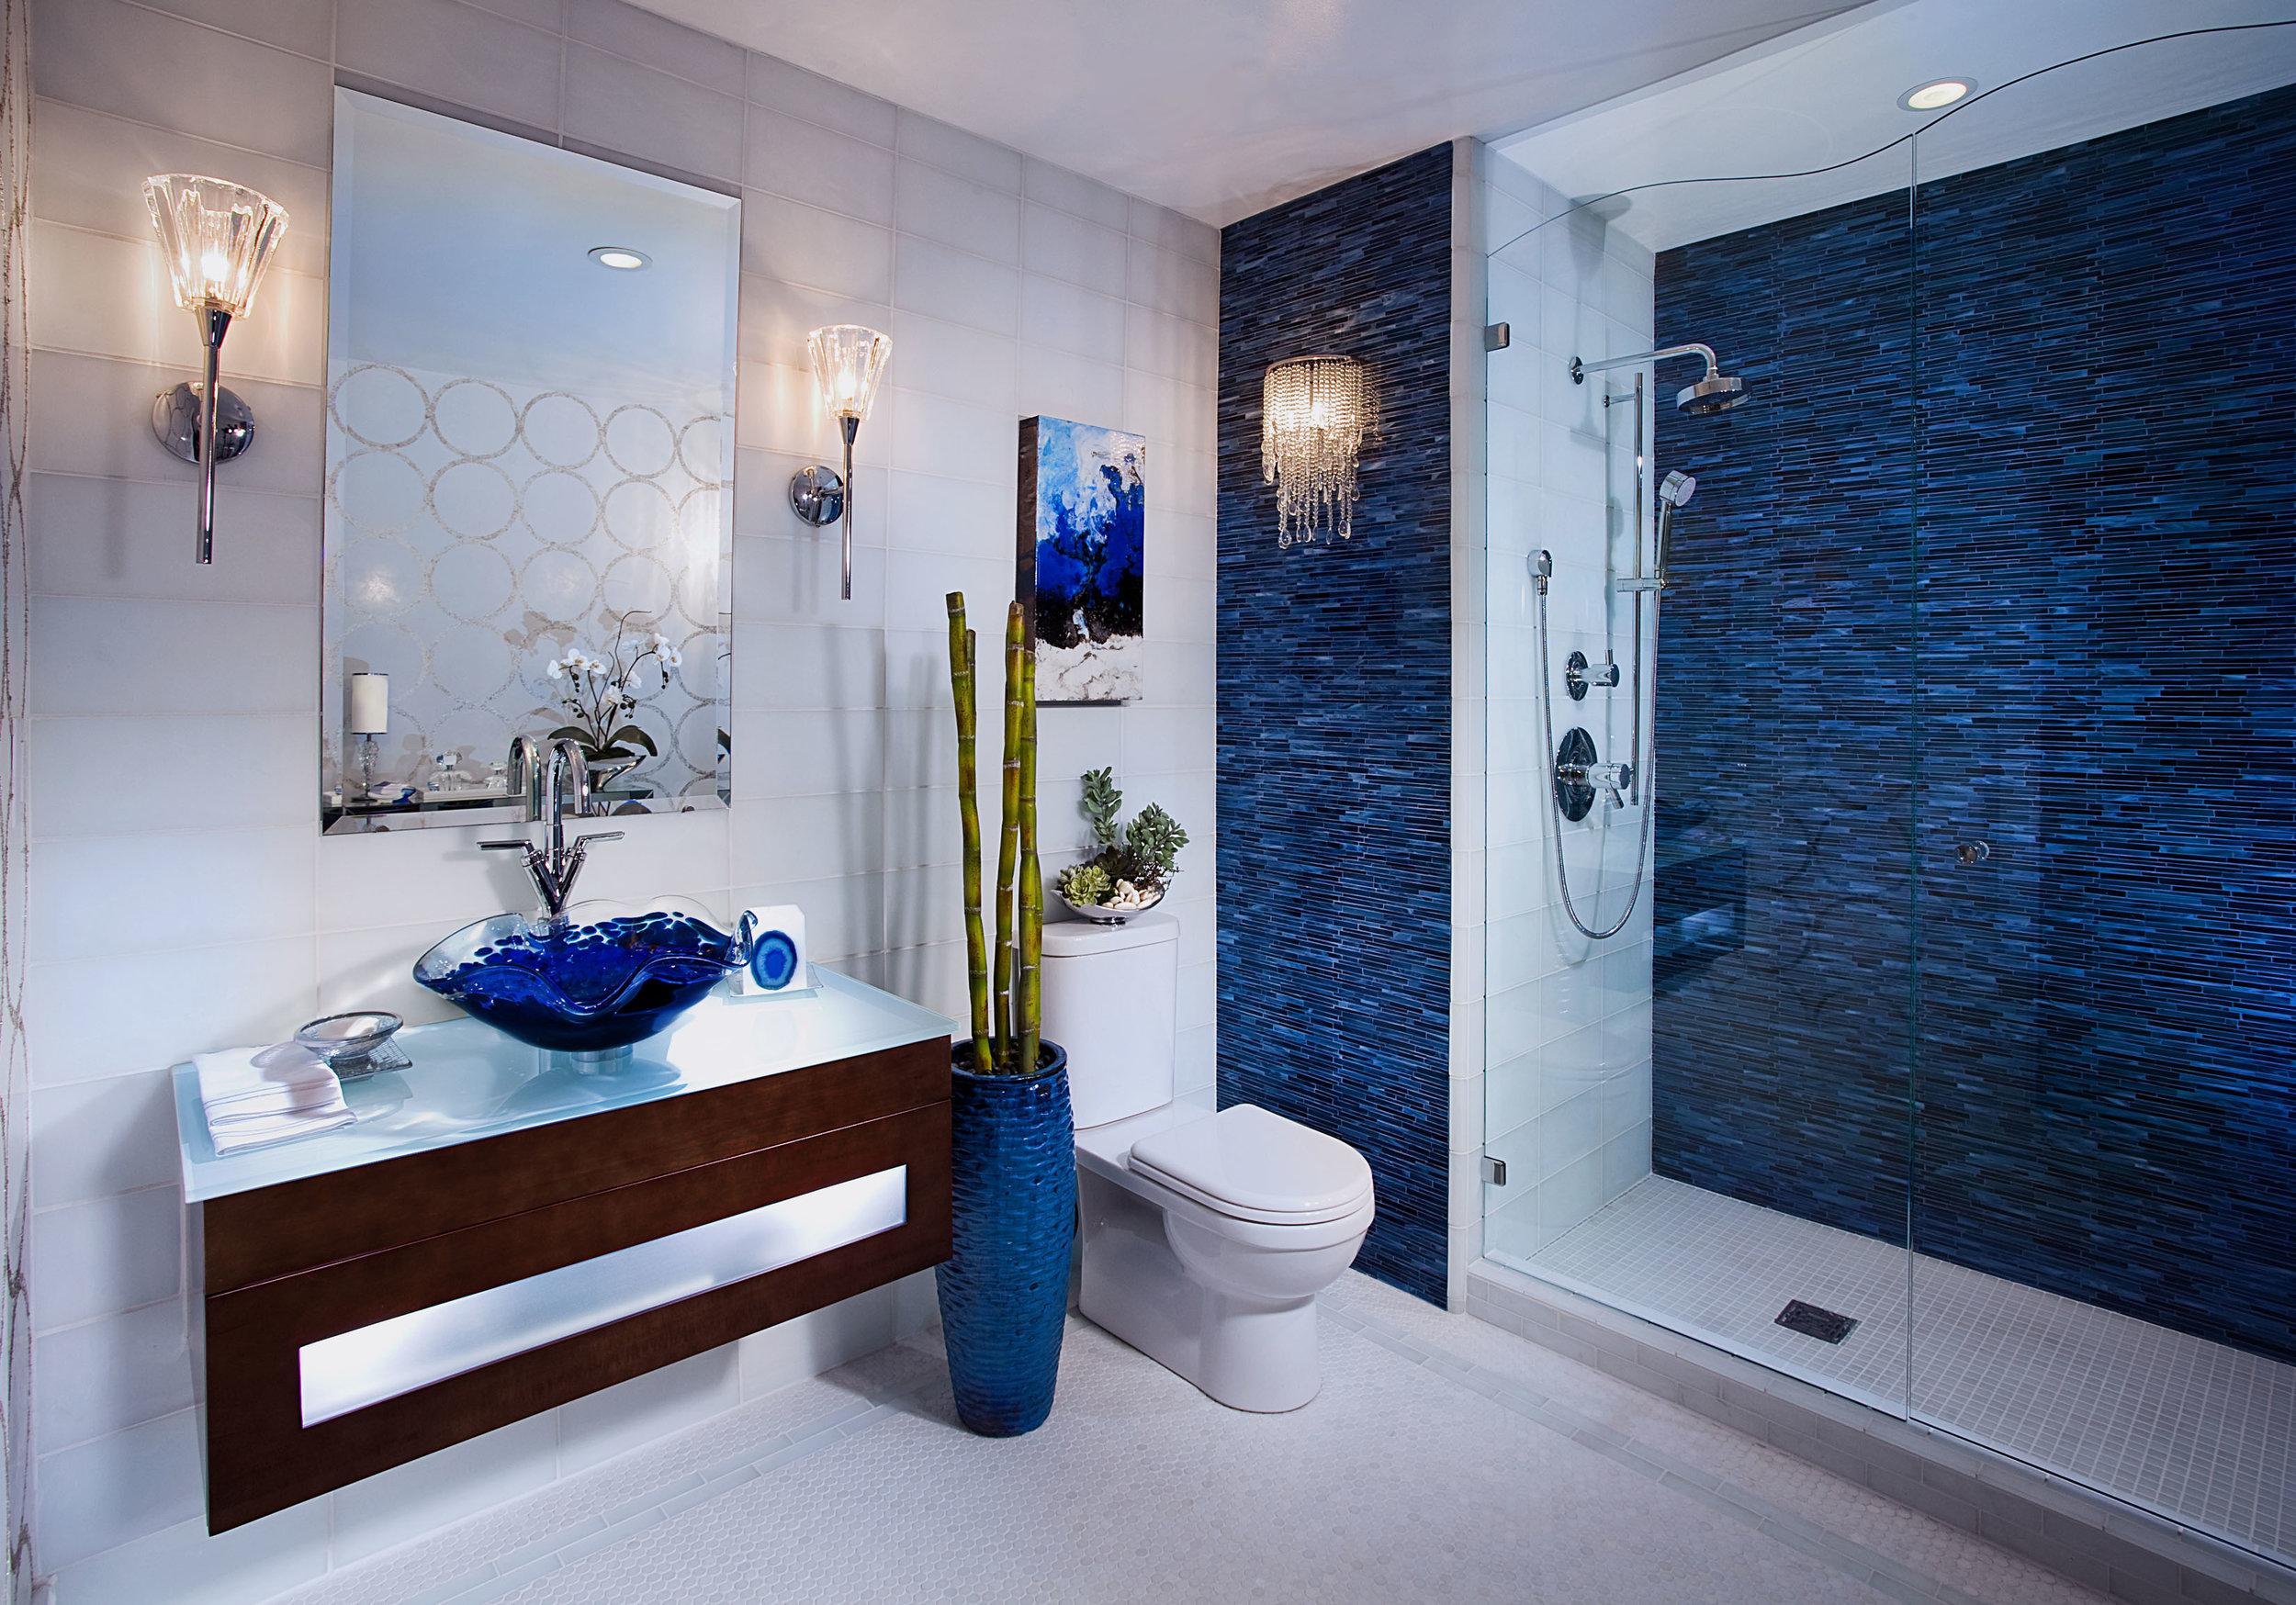 ASID_20aDeidreEagles_Bathroom_7604-1-11x8.jpg